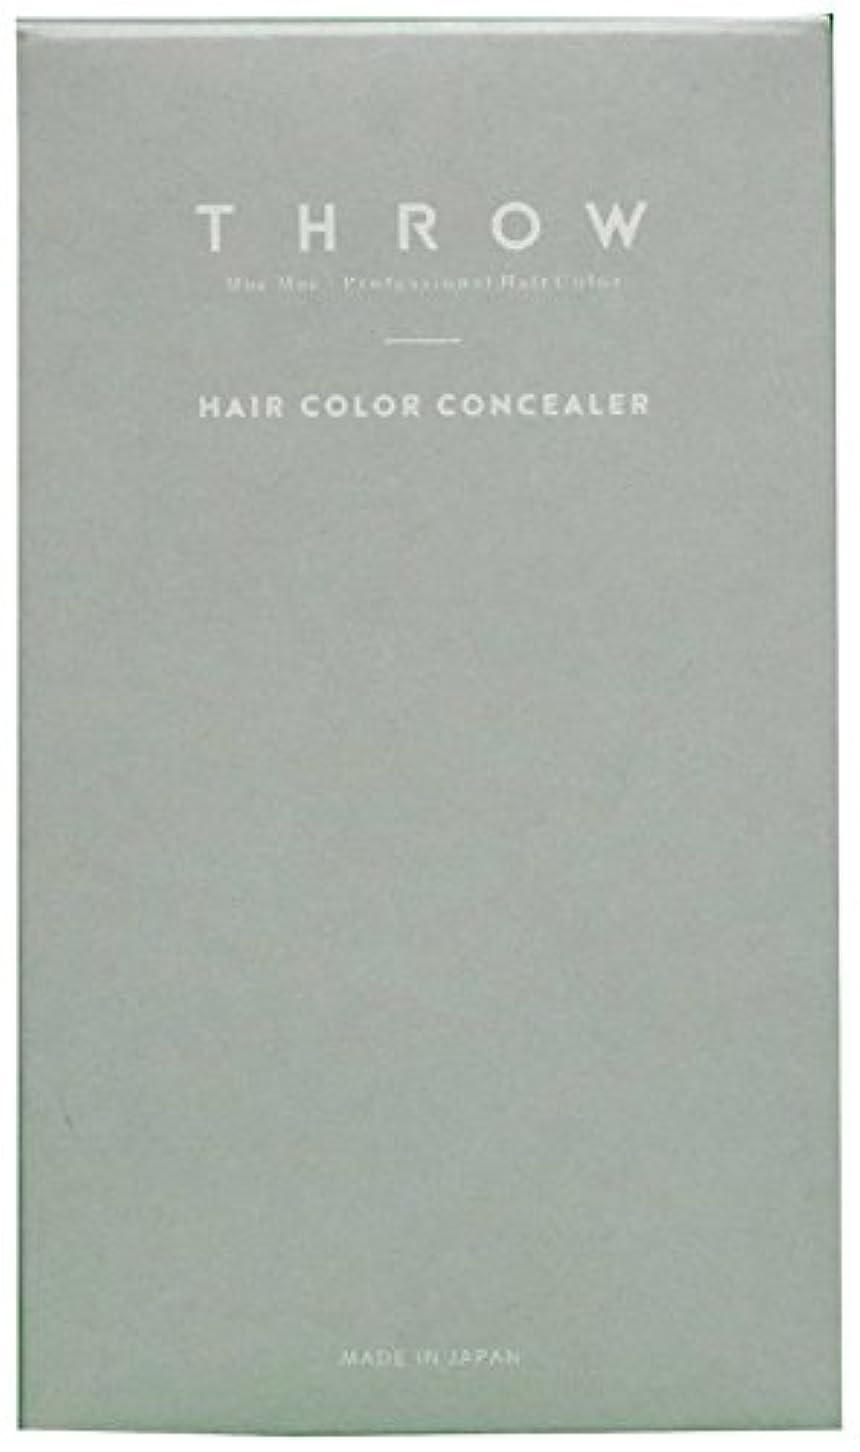 まだらこれら一口スロウ ヘアカラーコンシーラー(ライトブラウンレギュラー)<毛髪着色料>専用パフ入り